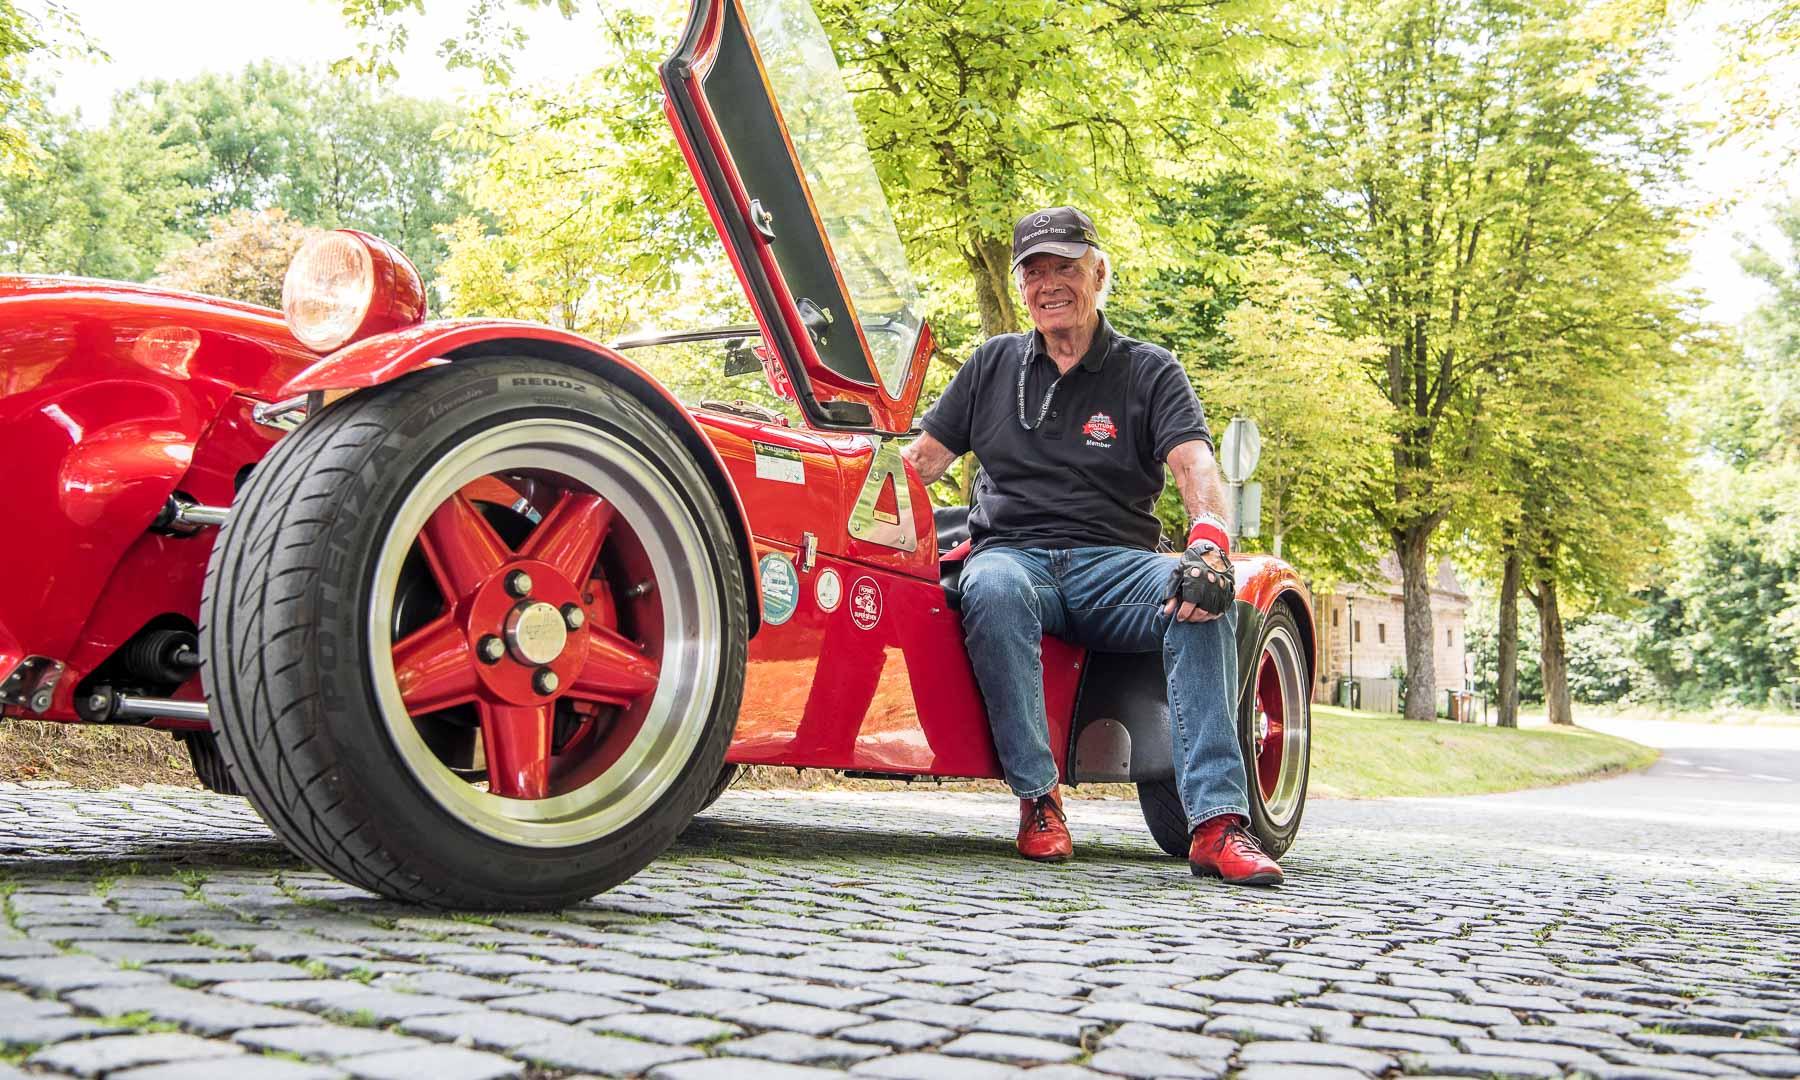 Lotus Seven Ausfahrt Walther Buhl Schwaebische Alb AUTOmativ.de Benjamin Brodbeck 30 - Gentleman's Drive: Mit dem Lotus Seven auf die Schwäbische Alb